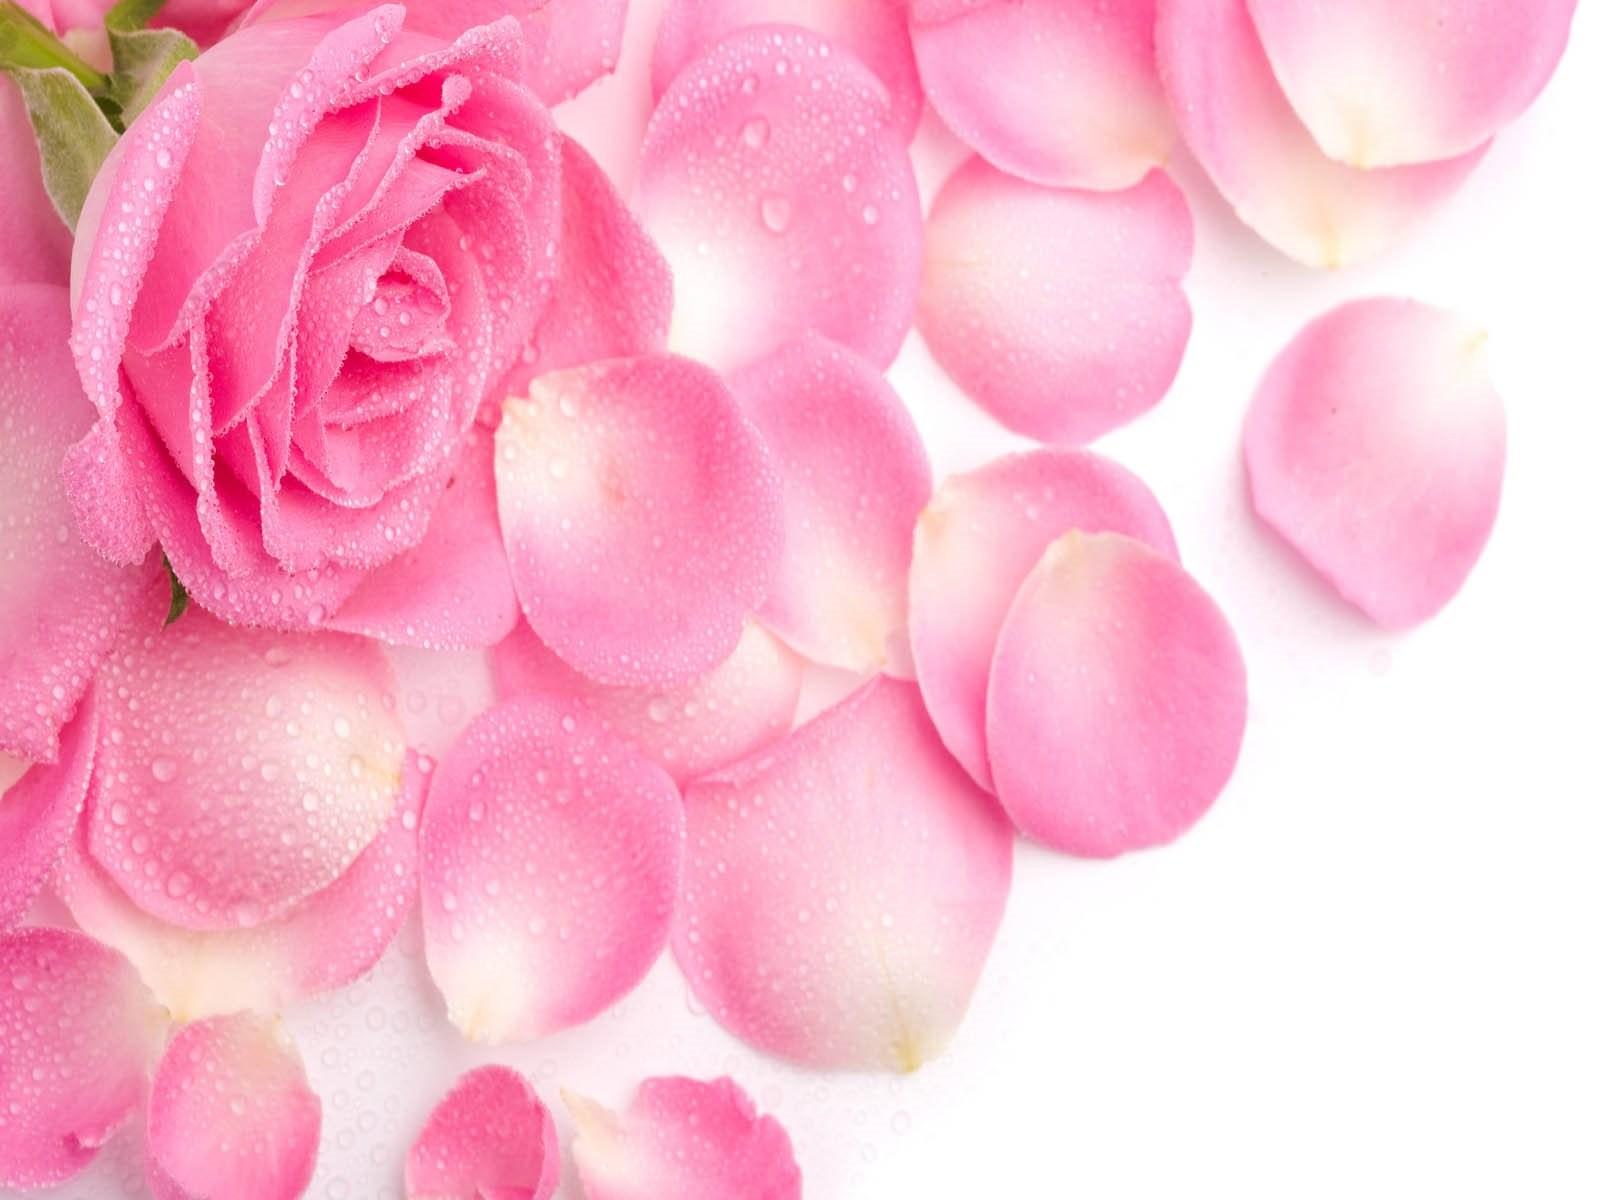 9 rose flower hd wallpapers beautiful pink flowers free desktop original size 1579kb mightylinksfo